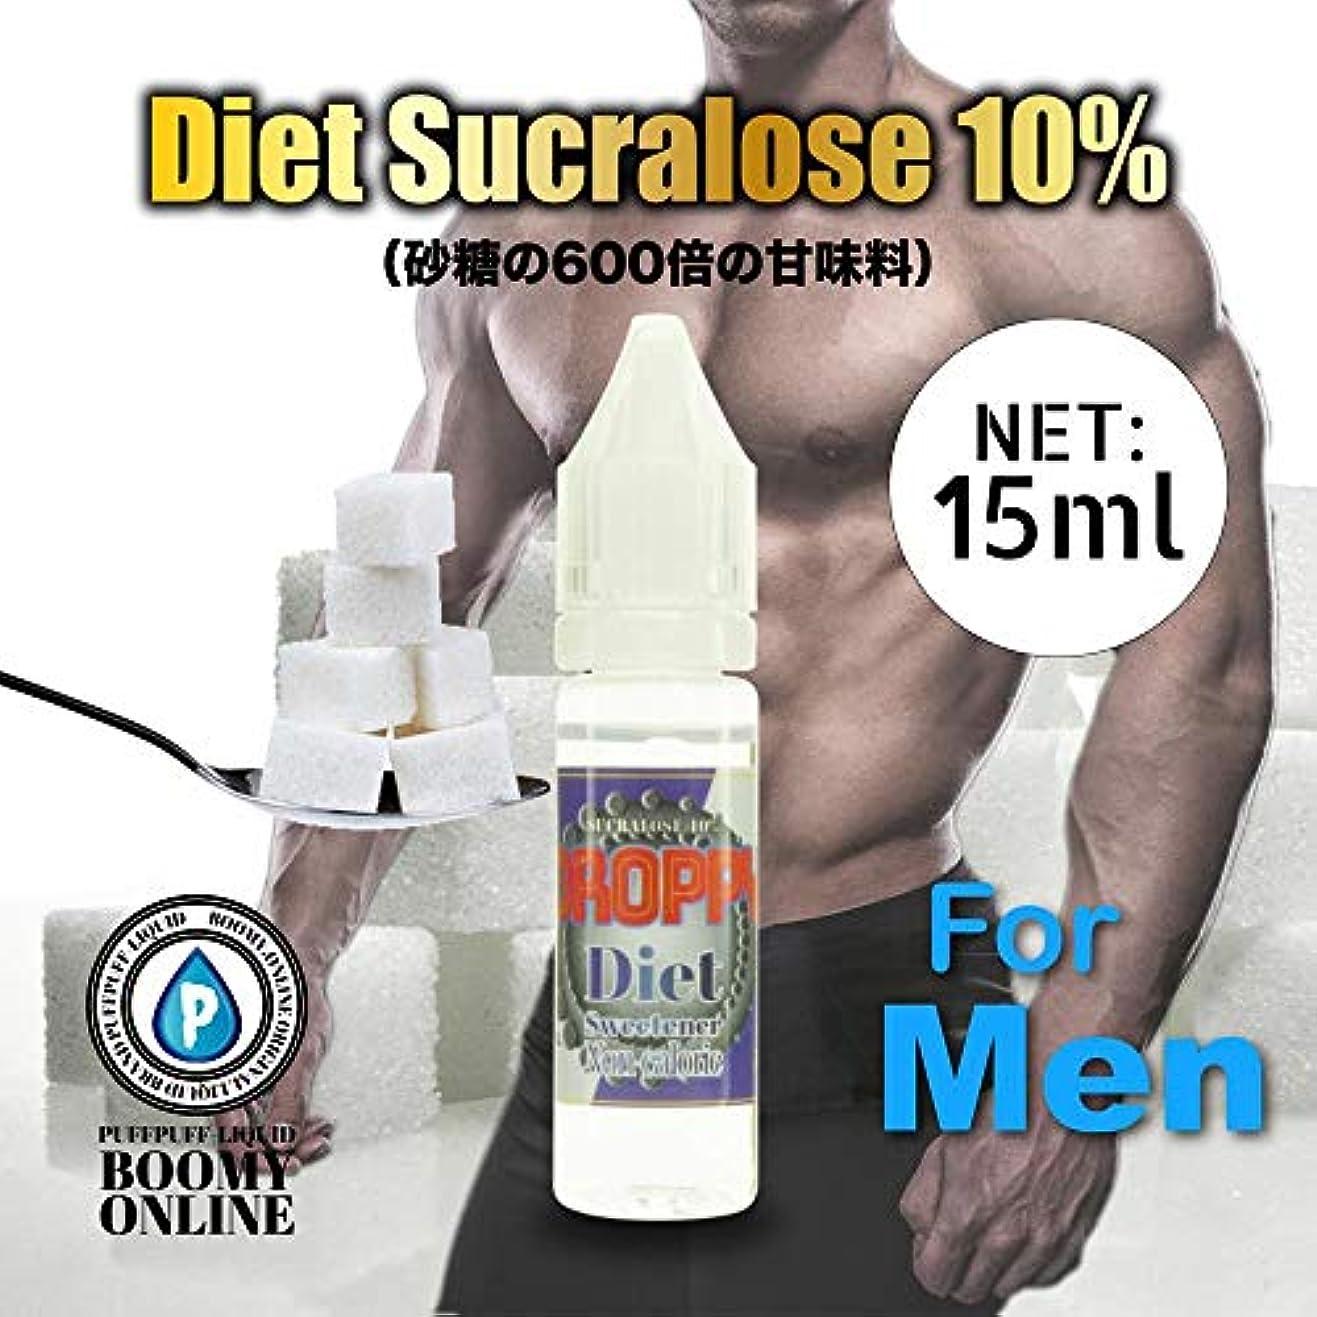 インサートカウボーイスラダム【BooMY-Original ダイエット スクラロース】〓PuffPuff-Liquid〓(1滴で砂糖約ティースプーン1杯の甘さ) DROPPY-0cal Diet For Men(ドロッピーダイエットスクラロース10%...